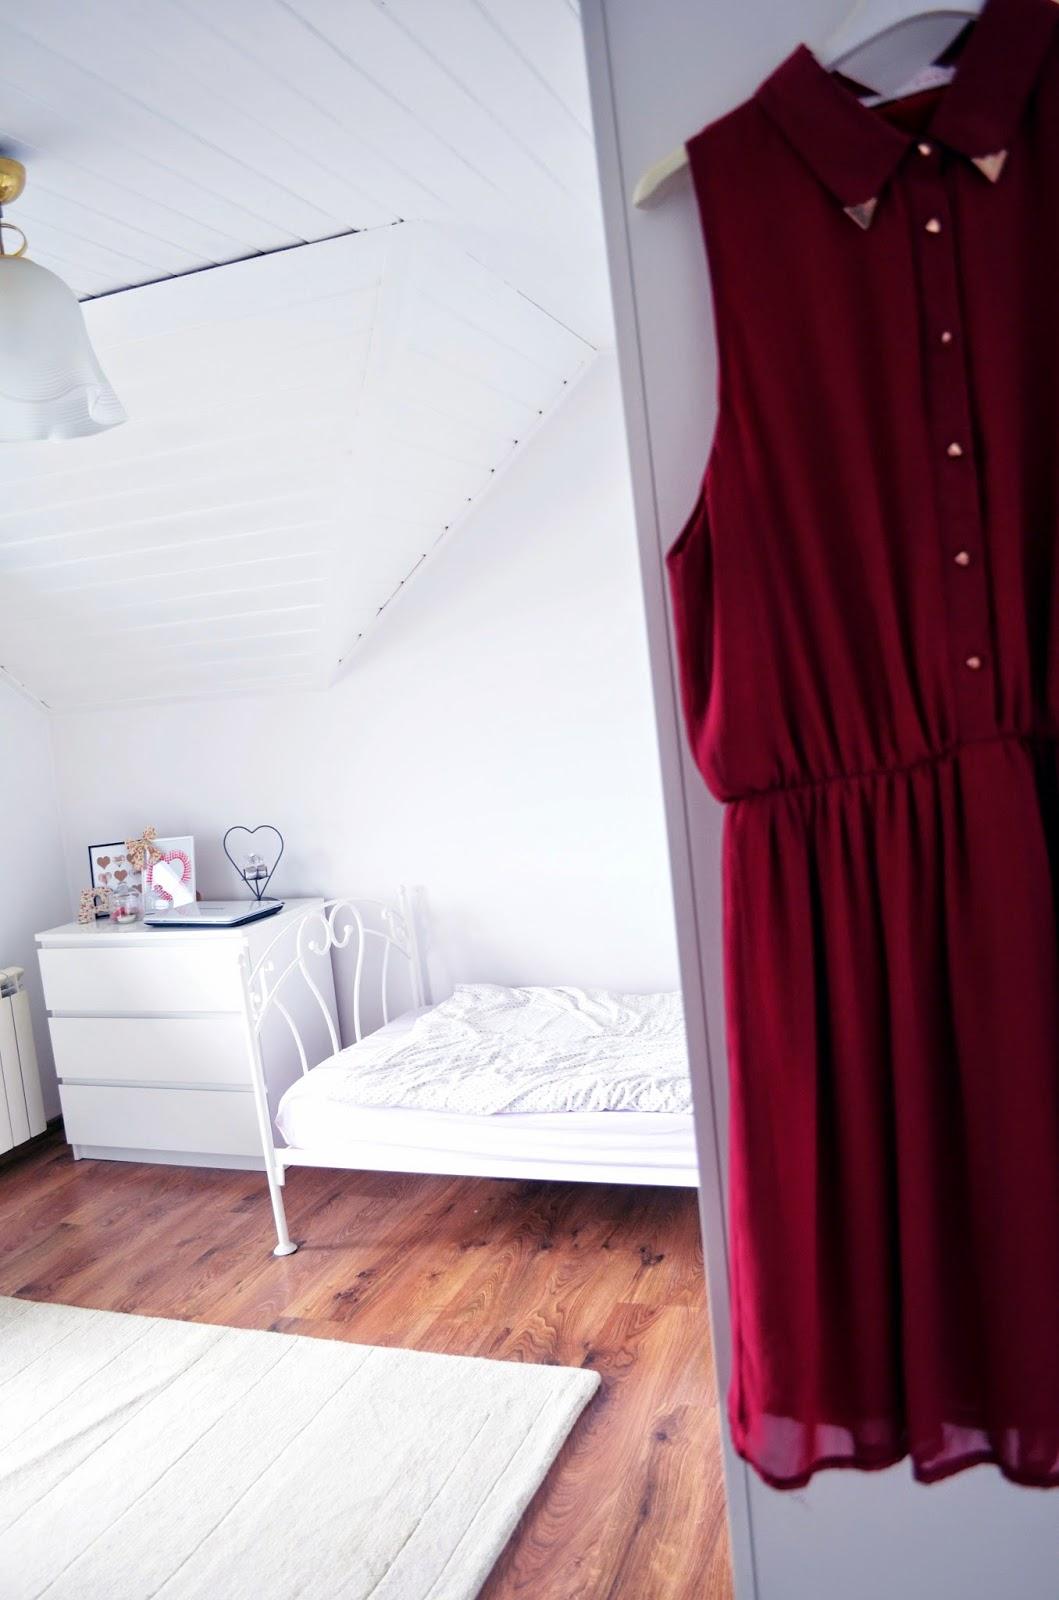 white room, romantic style, biały pokój, białe meble, sypialnia biała, łóżko białe, rustical style, decor, wnętrze białe, lifelookangies